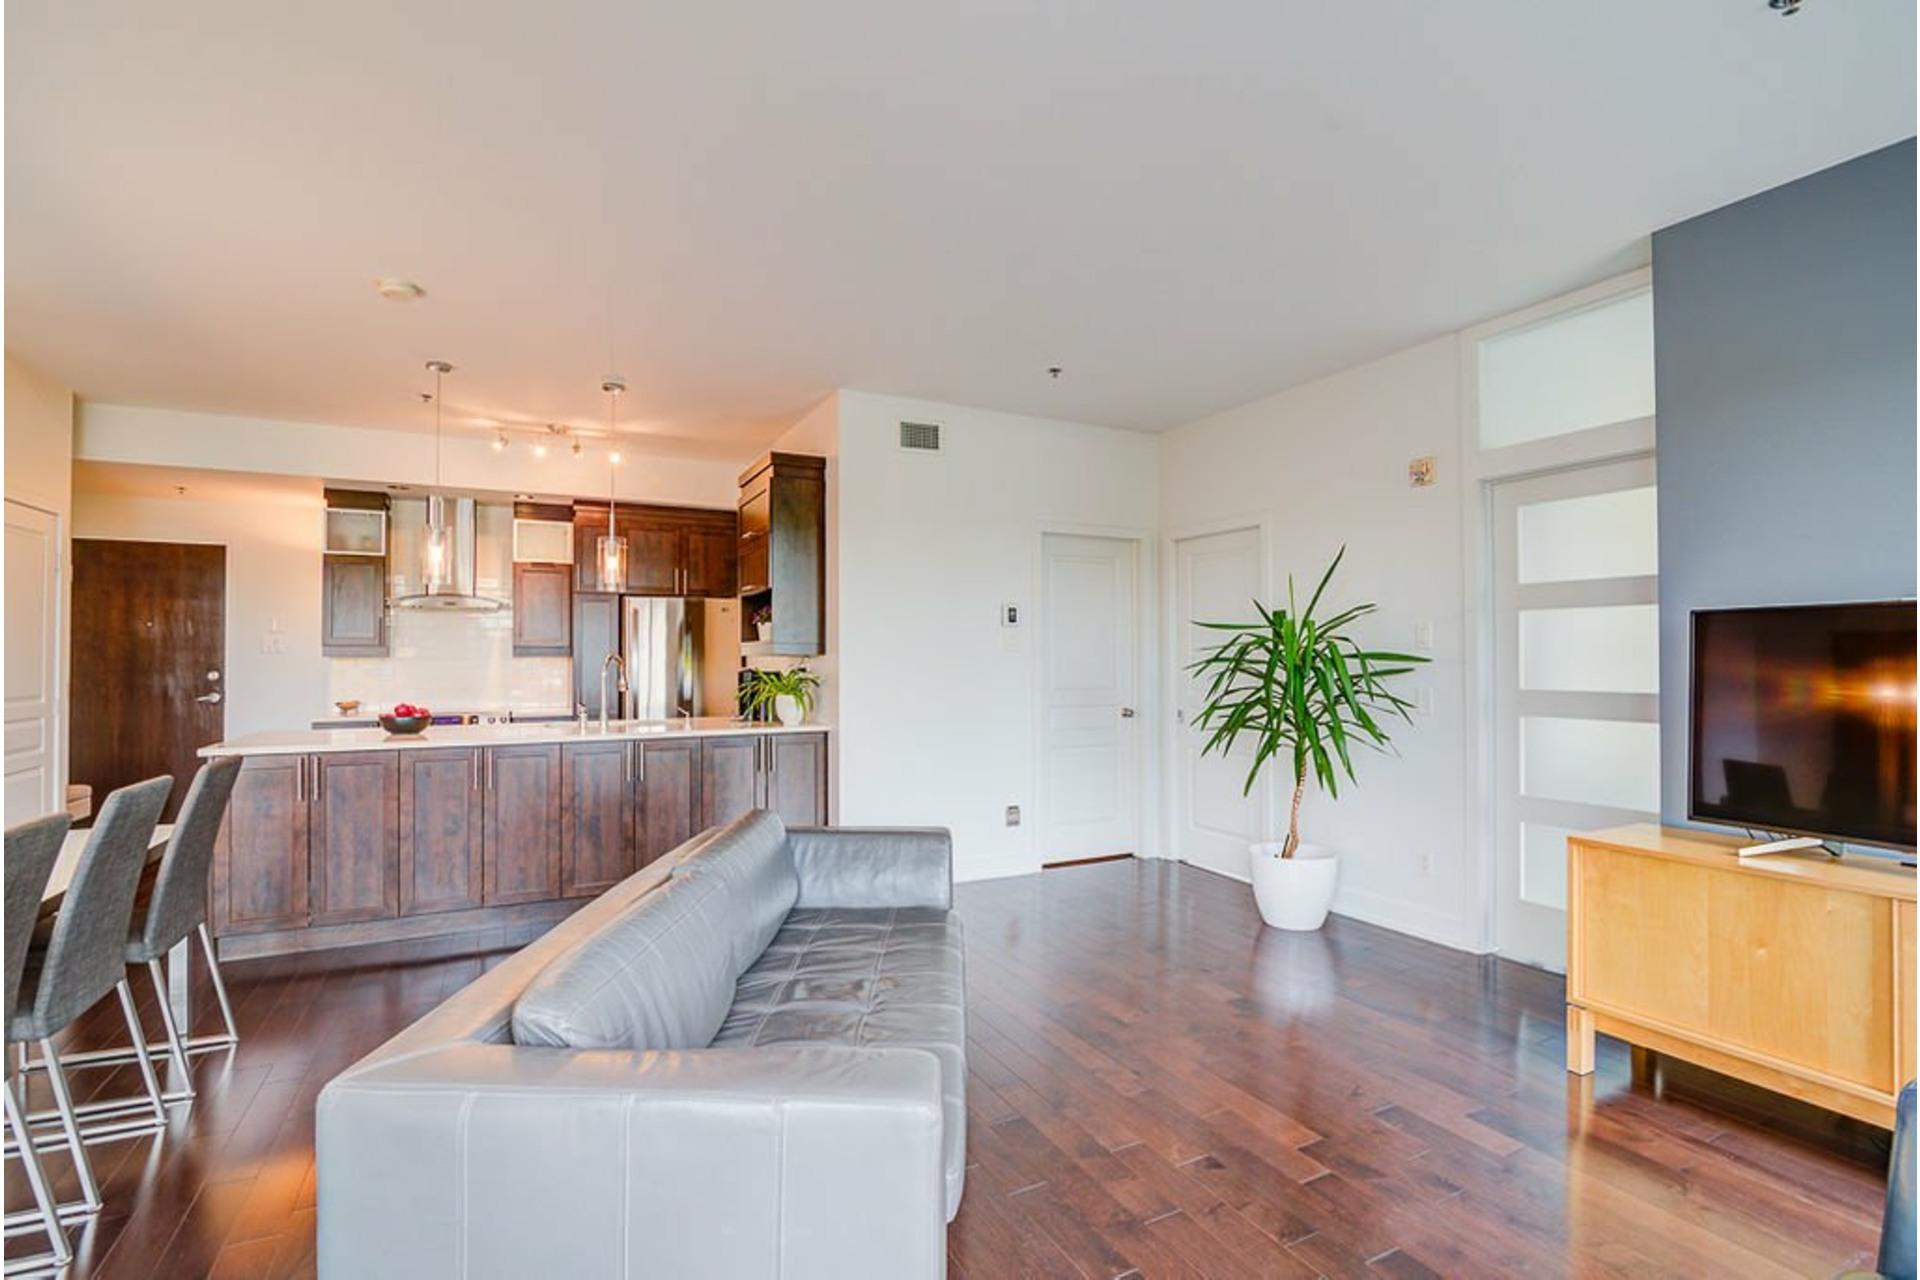 image 1 - Appartement À vendre Villeray/Saint-Michel/Parc-Extension Montréal  - 6 pièces